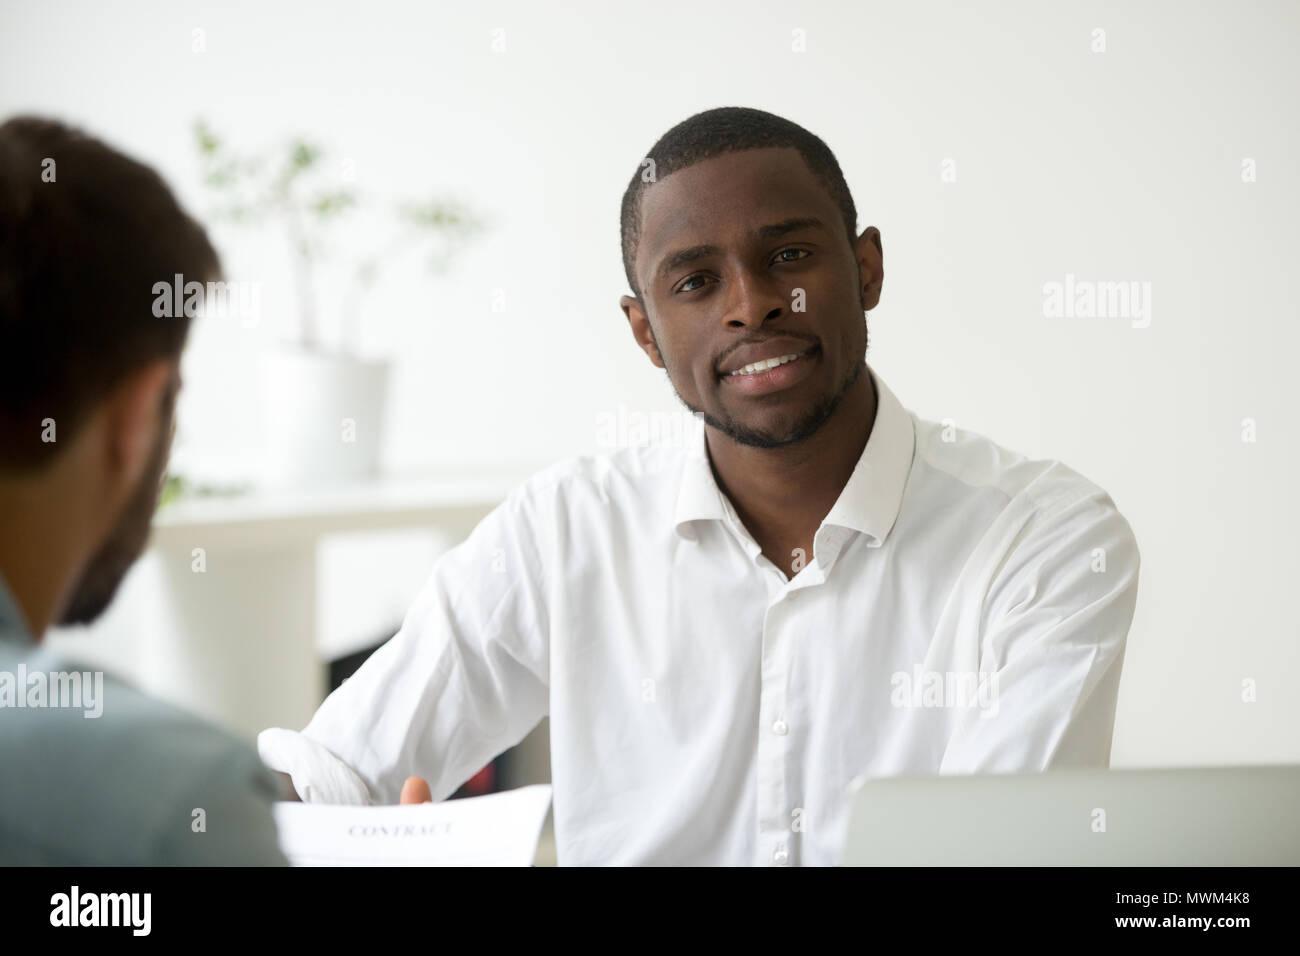 Sorridente African American lavoratore guardando la fotocamera in ufficio Foto Stock